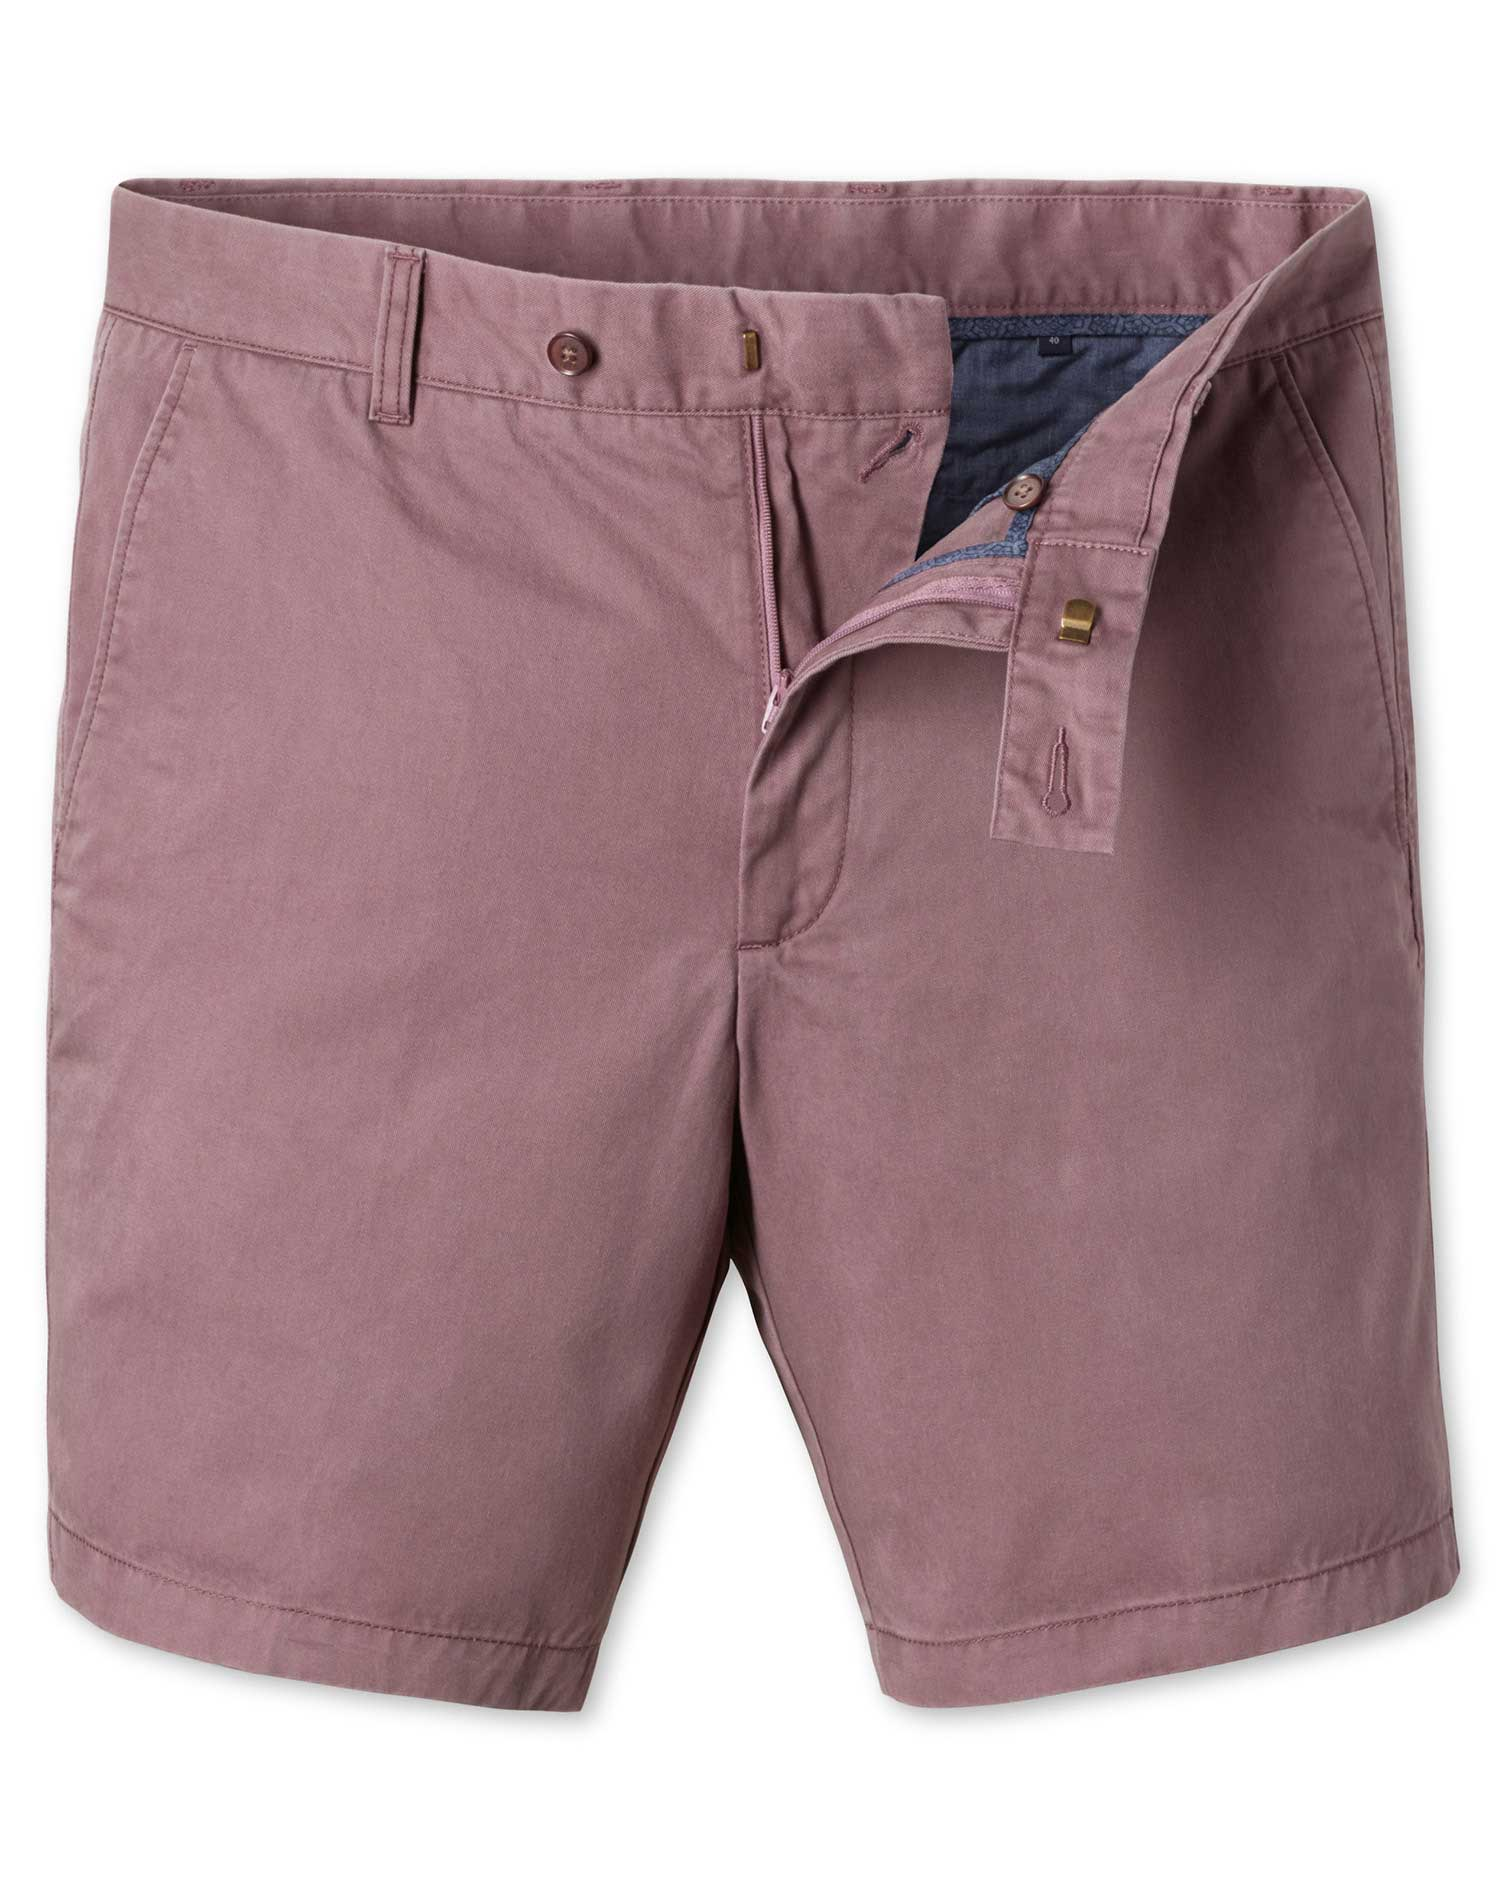 Cotton Light Pink Chino Shorts